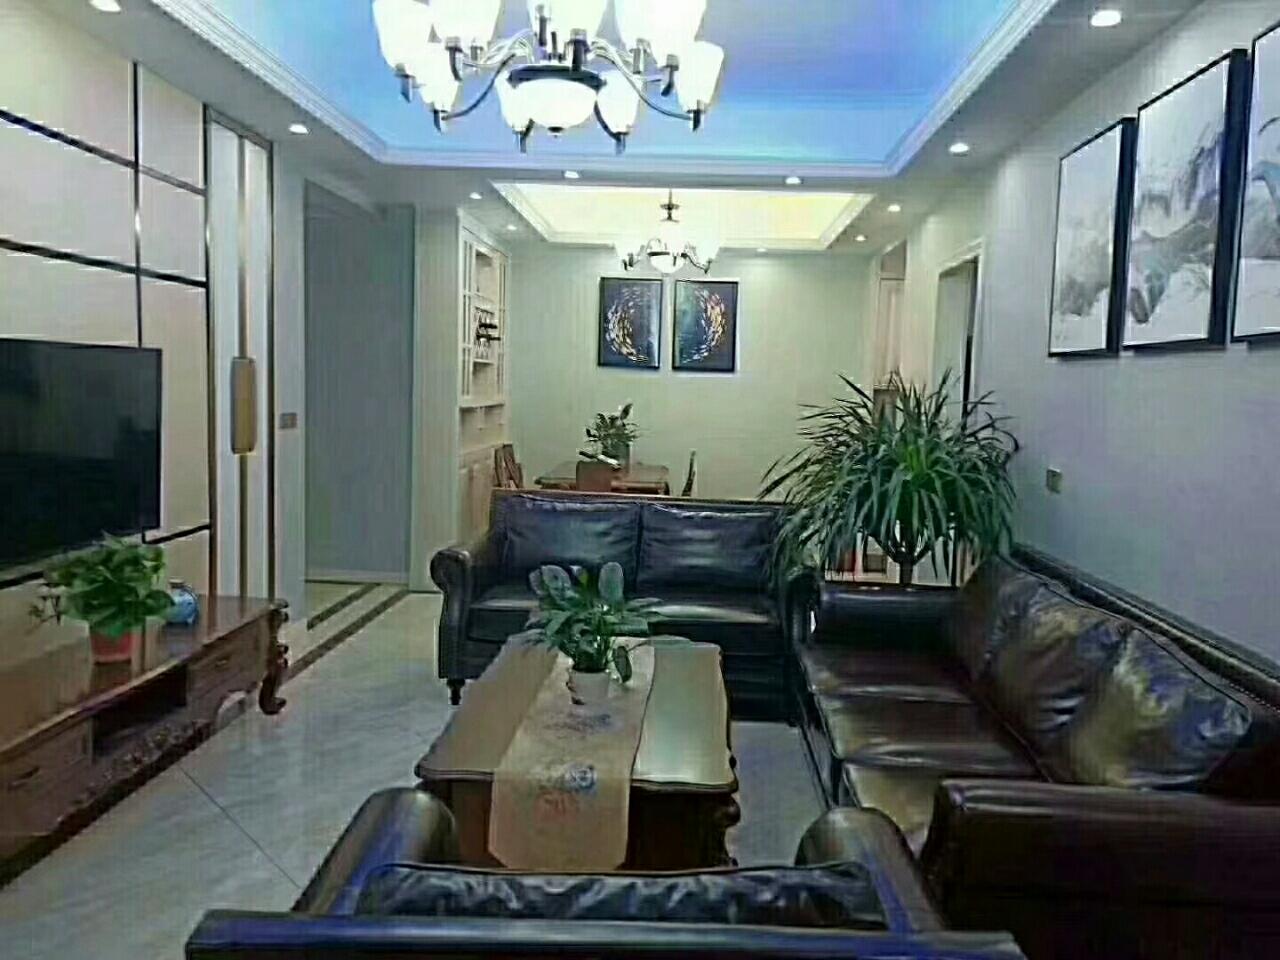 金科云玺台,新楼盘,精装修3室 2厅 2卫95万元